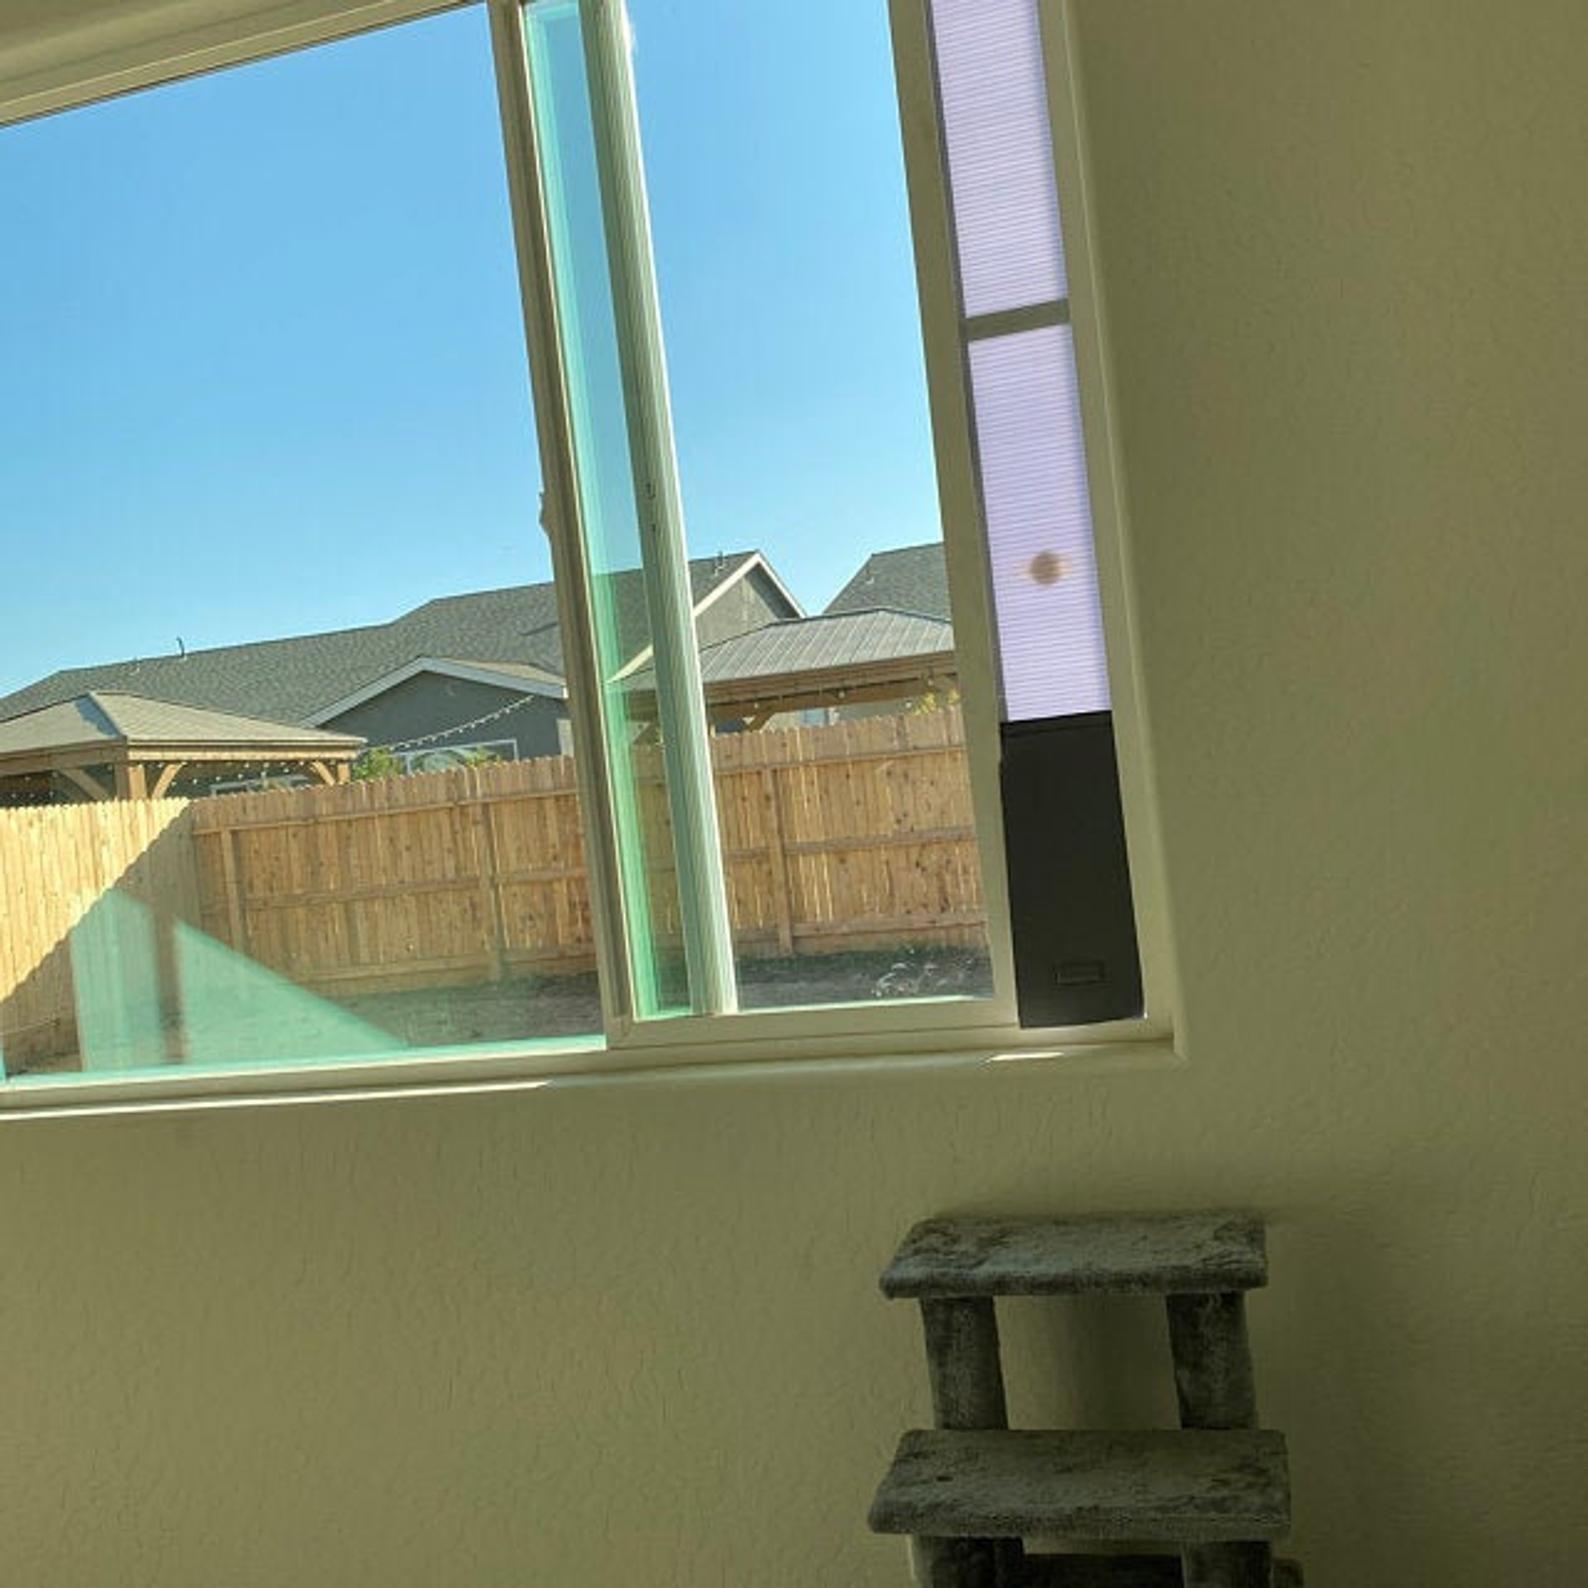 The pet door is installed on a window